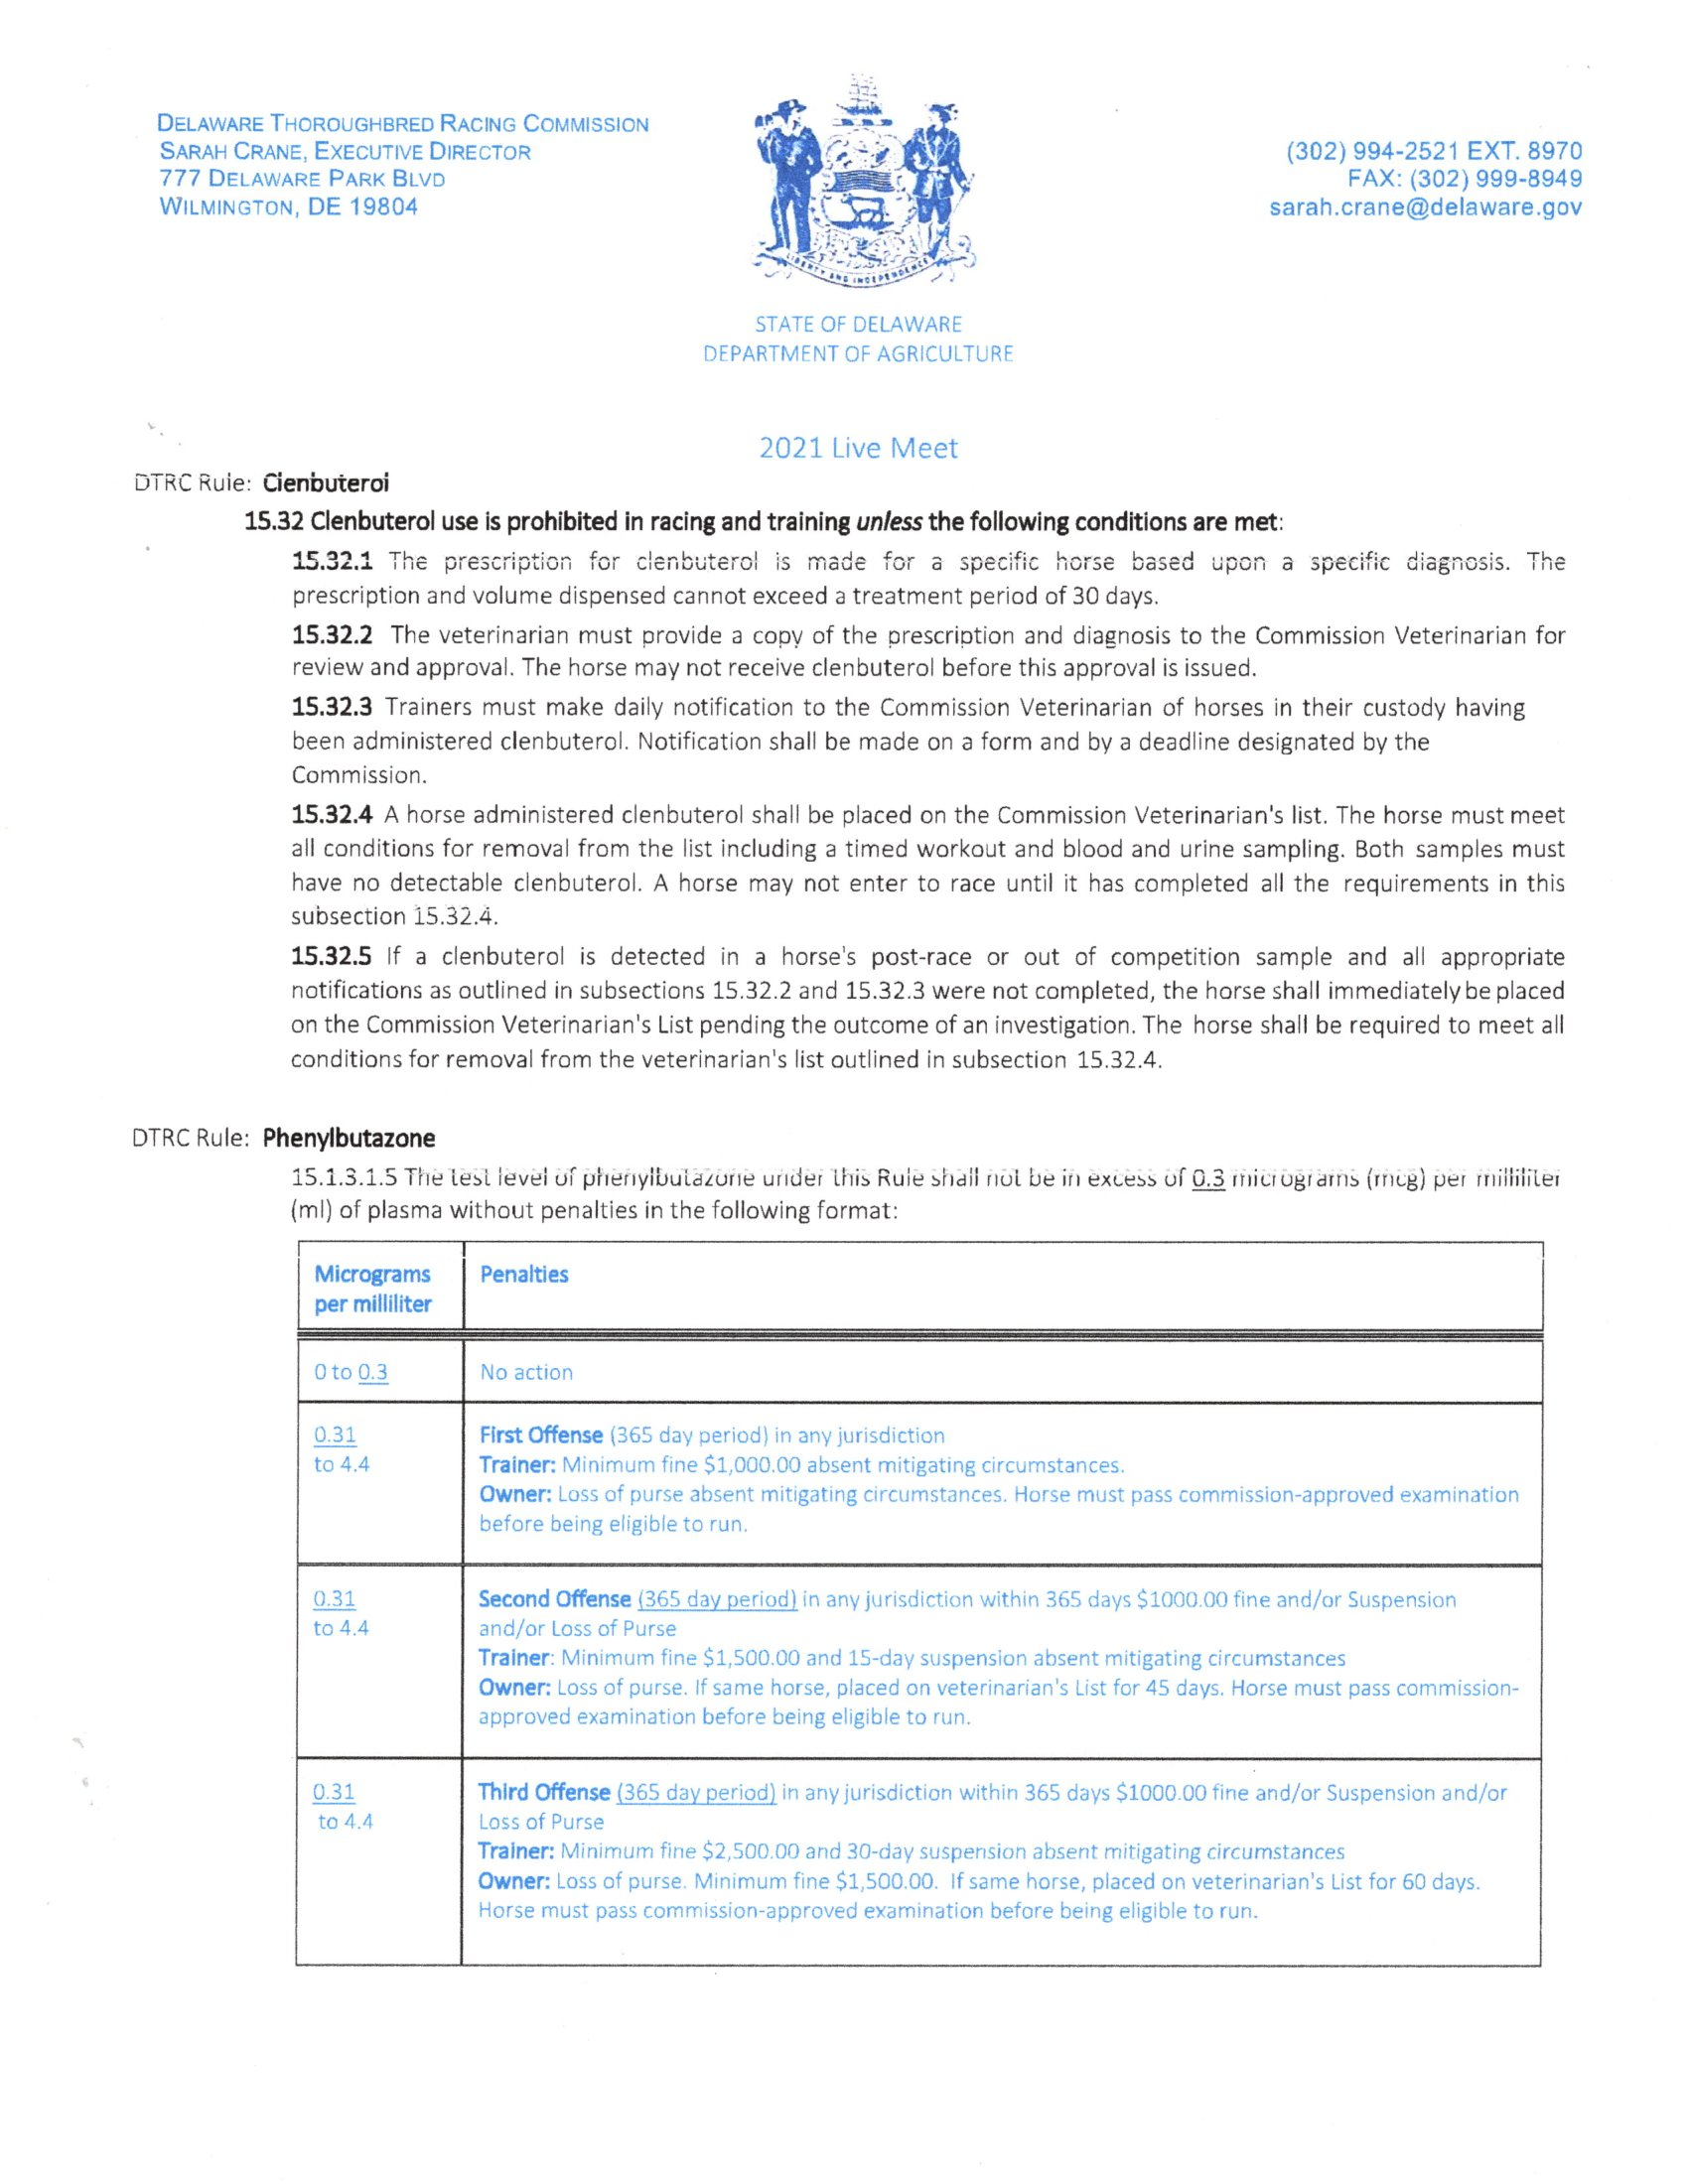 DRTC Rule Change 2020